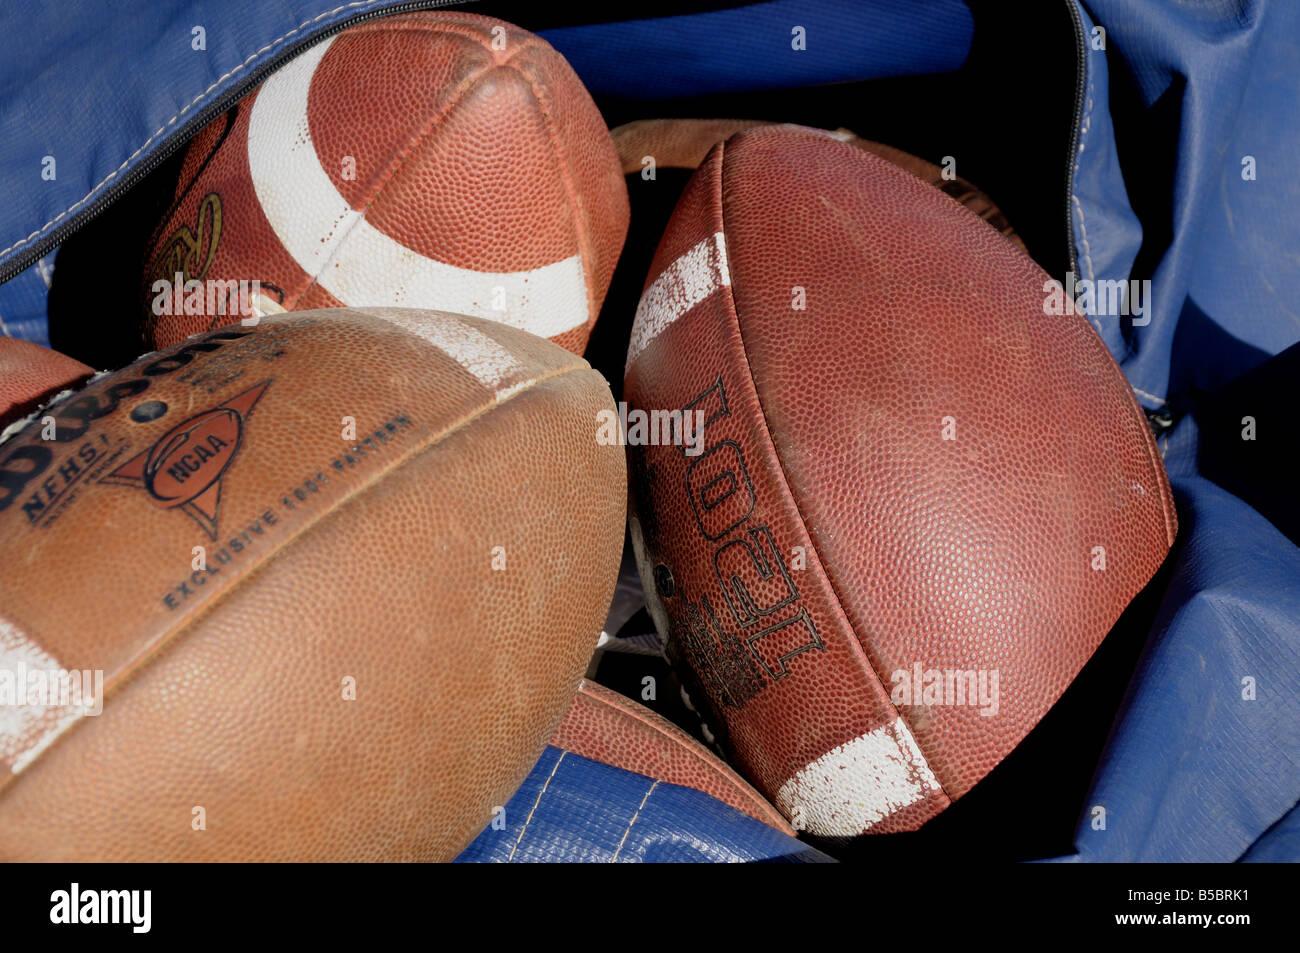 balones de fútbol Foto de stock